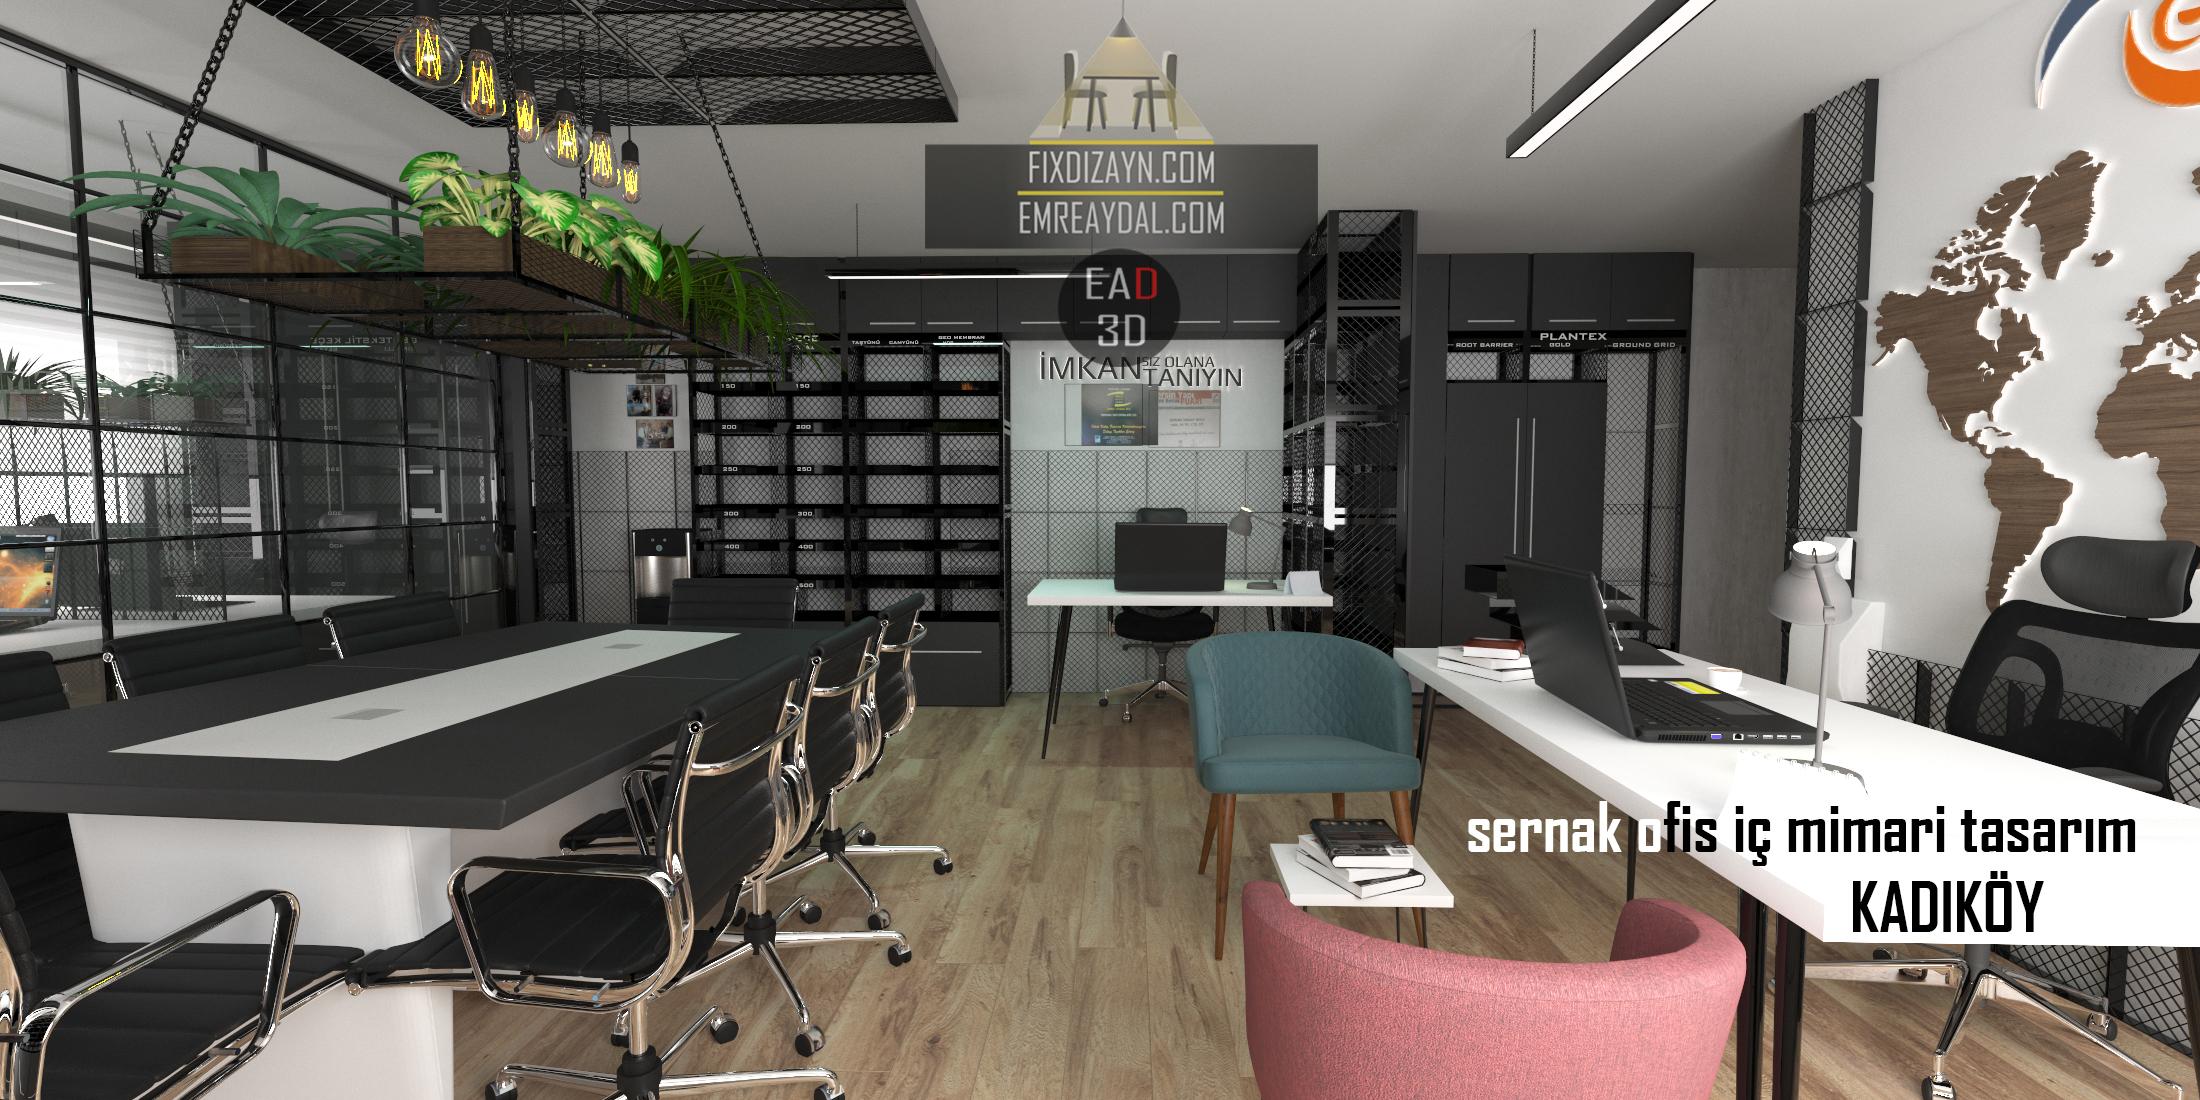 Sernak Ofis İç Mimari Tasarımı